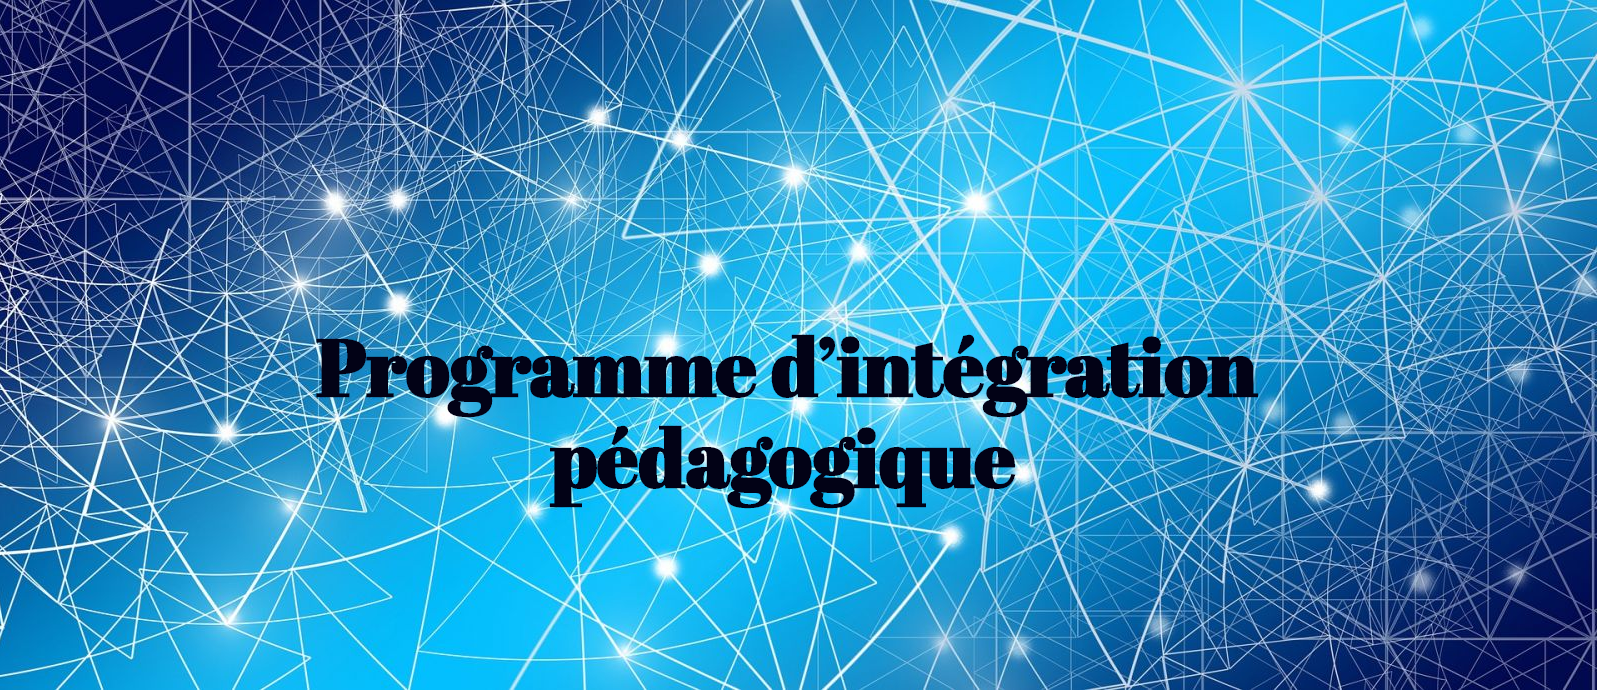 programme d'intégration pédagogique